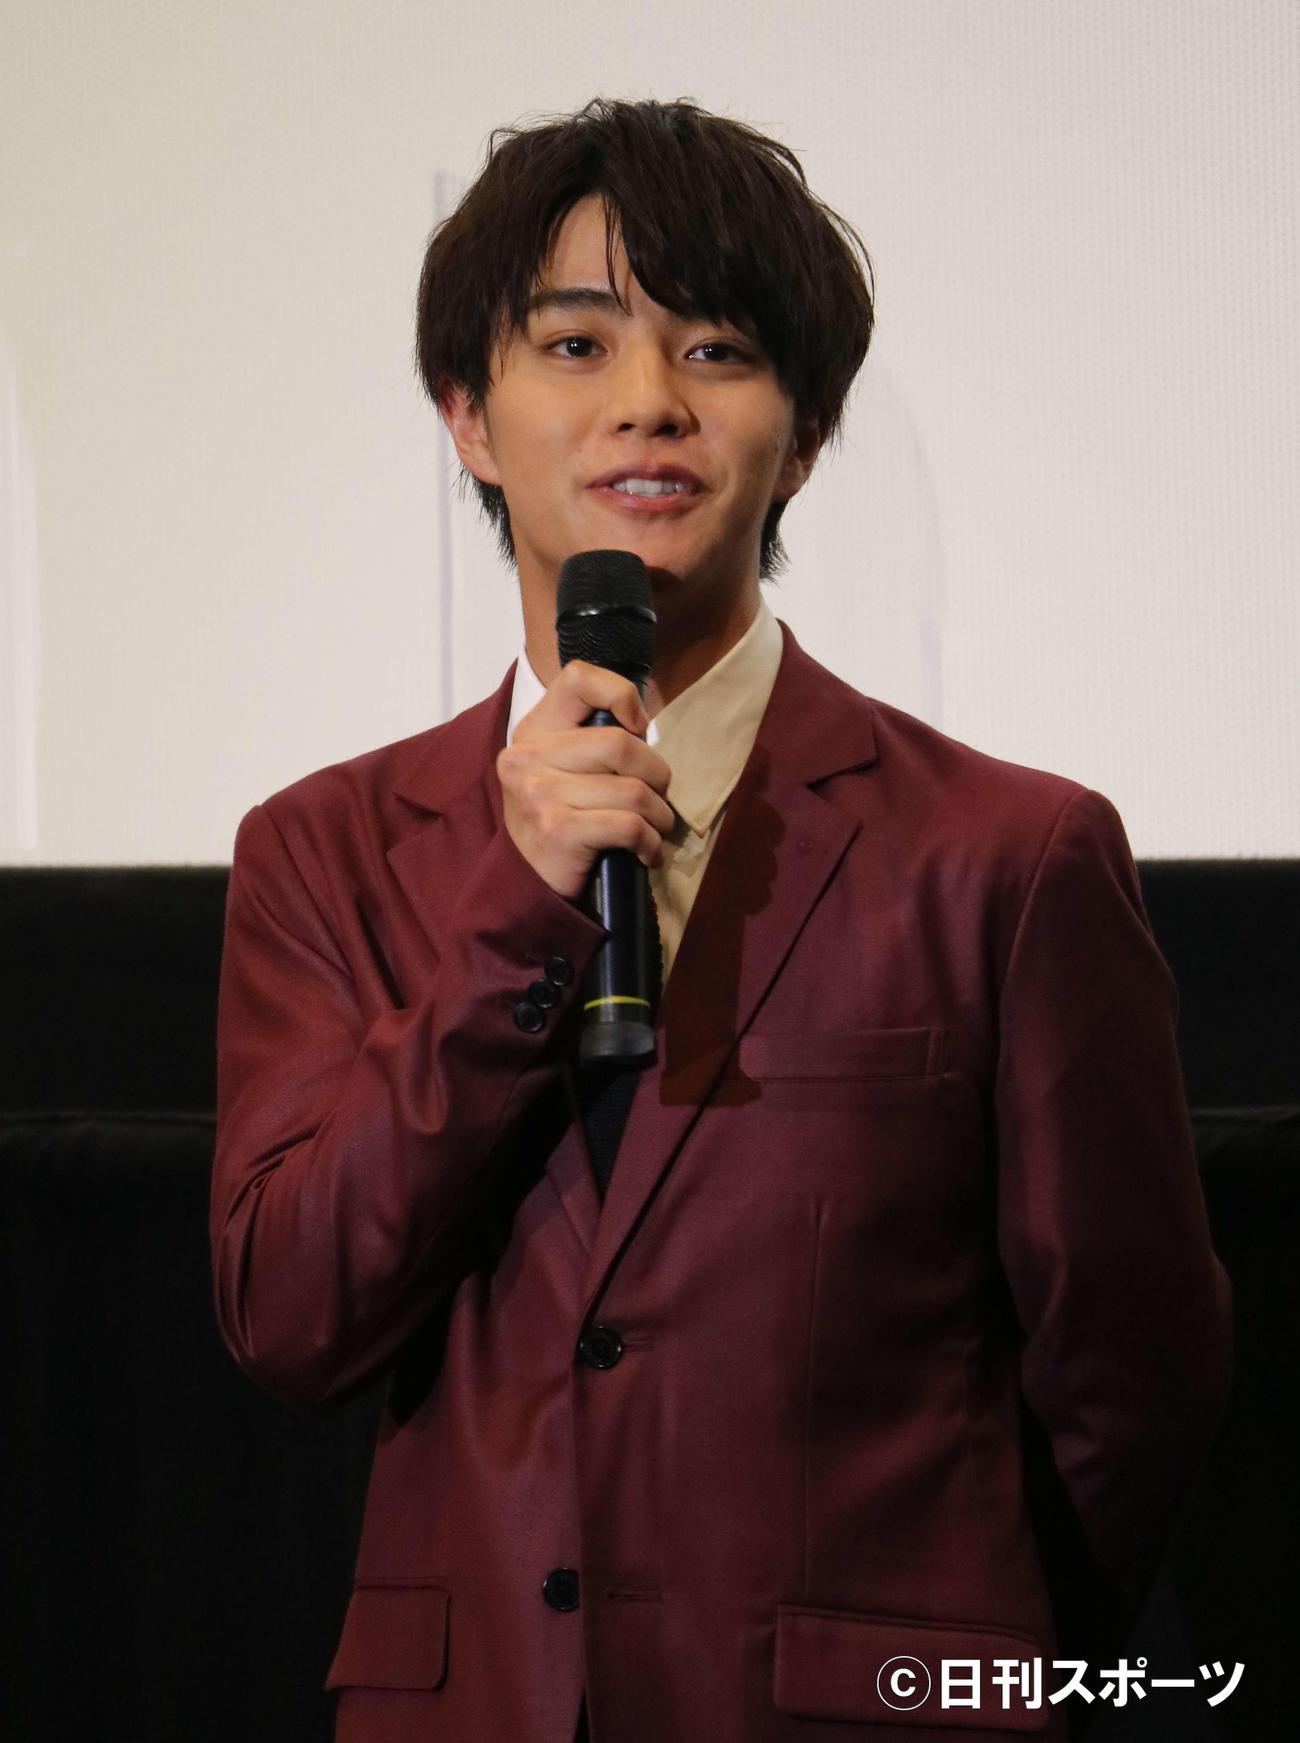 配信ショートムービー「宇宙でいちばんやさしい時間」の舞台あいさつに出席した、醍醐虎汰朗